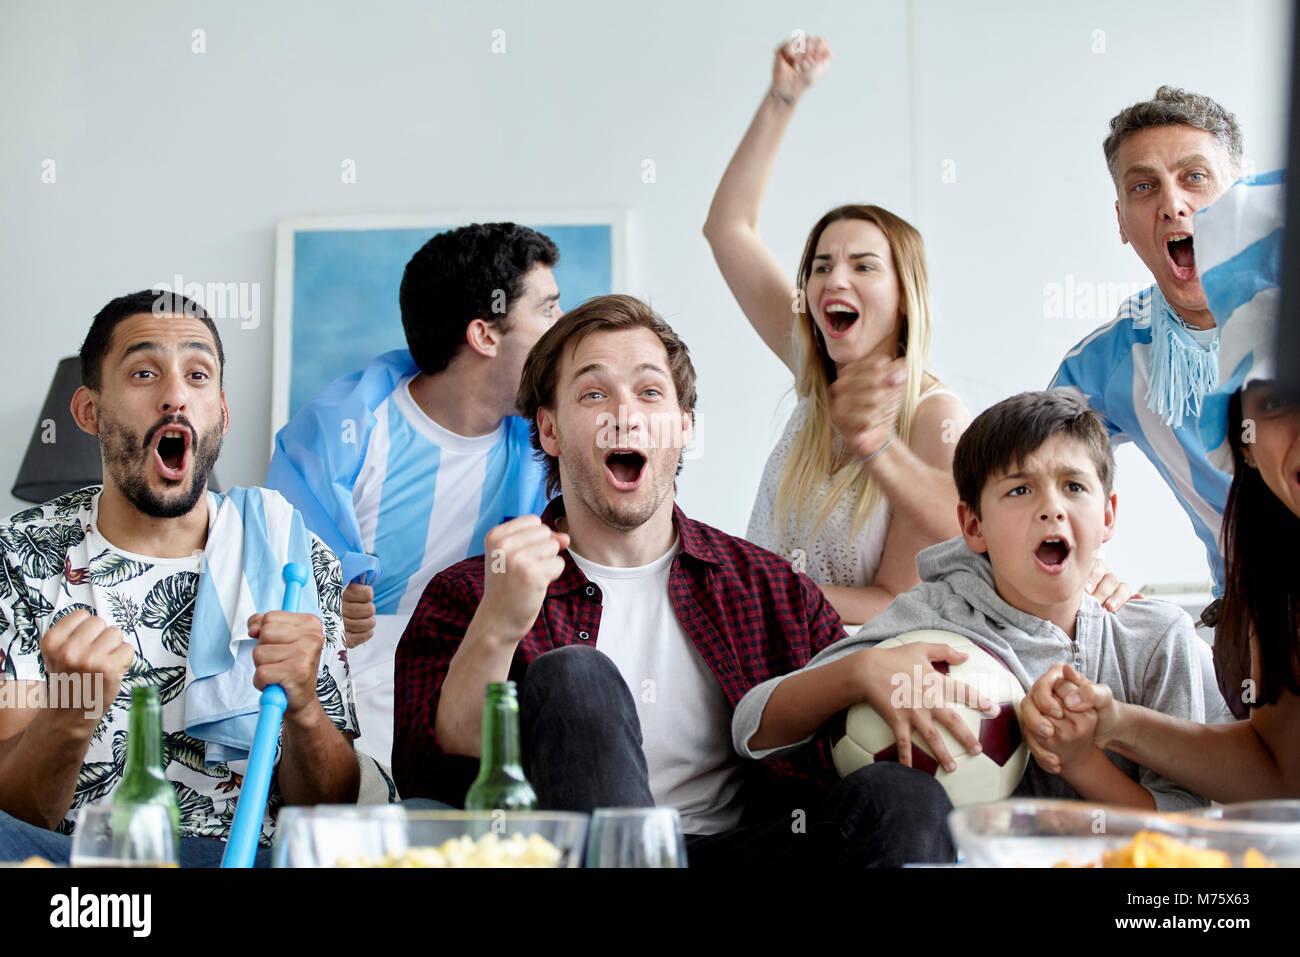 Argentinische Fußball-Fans während Gleiches zu Hause beobachten Stockbild